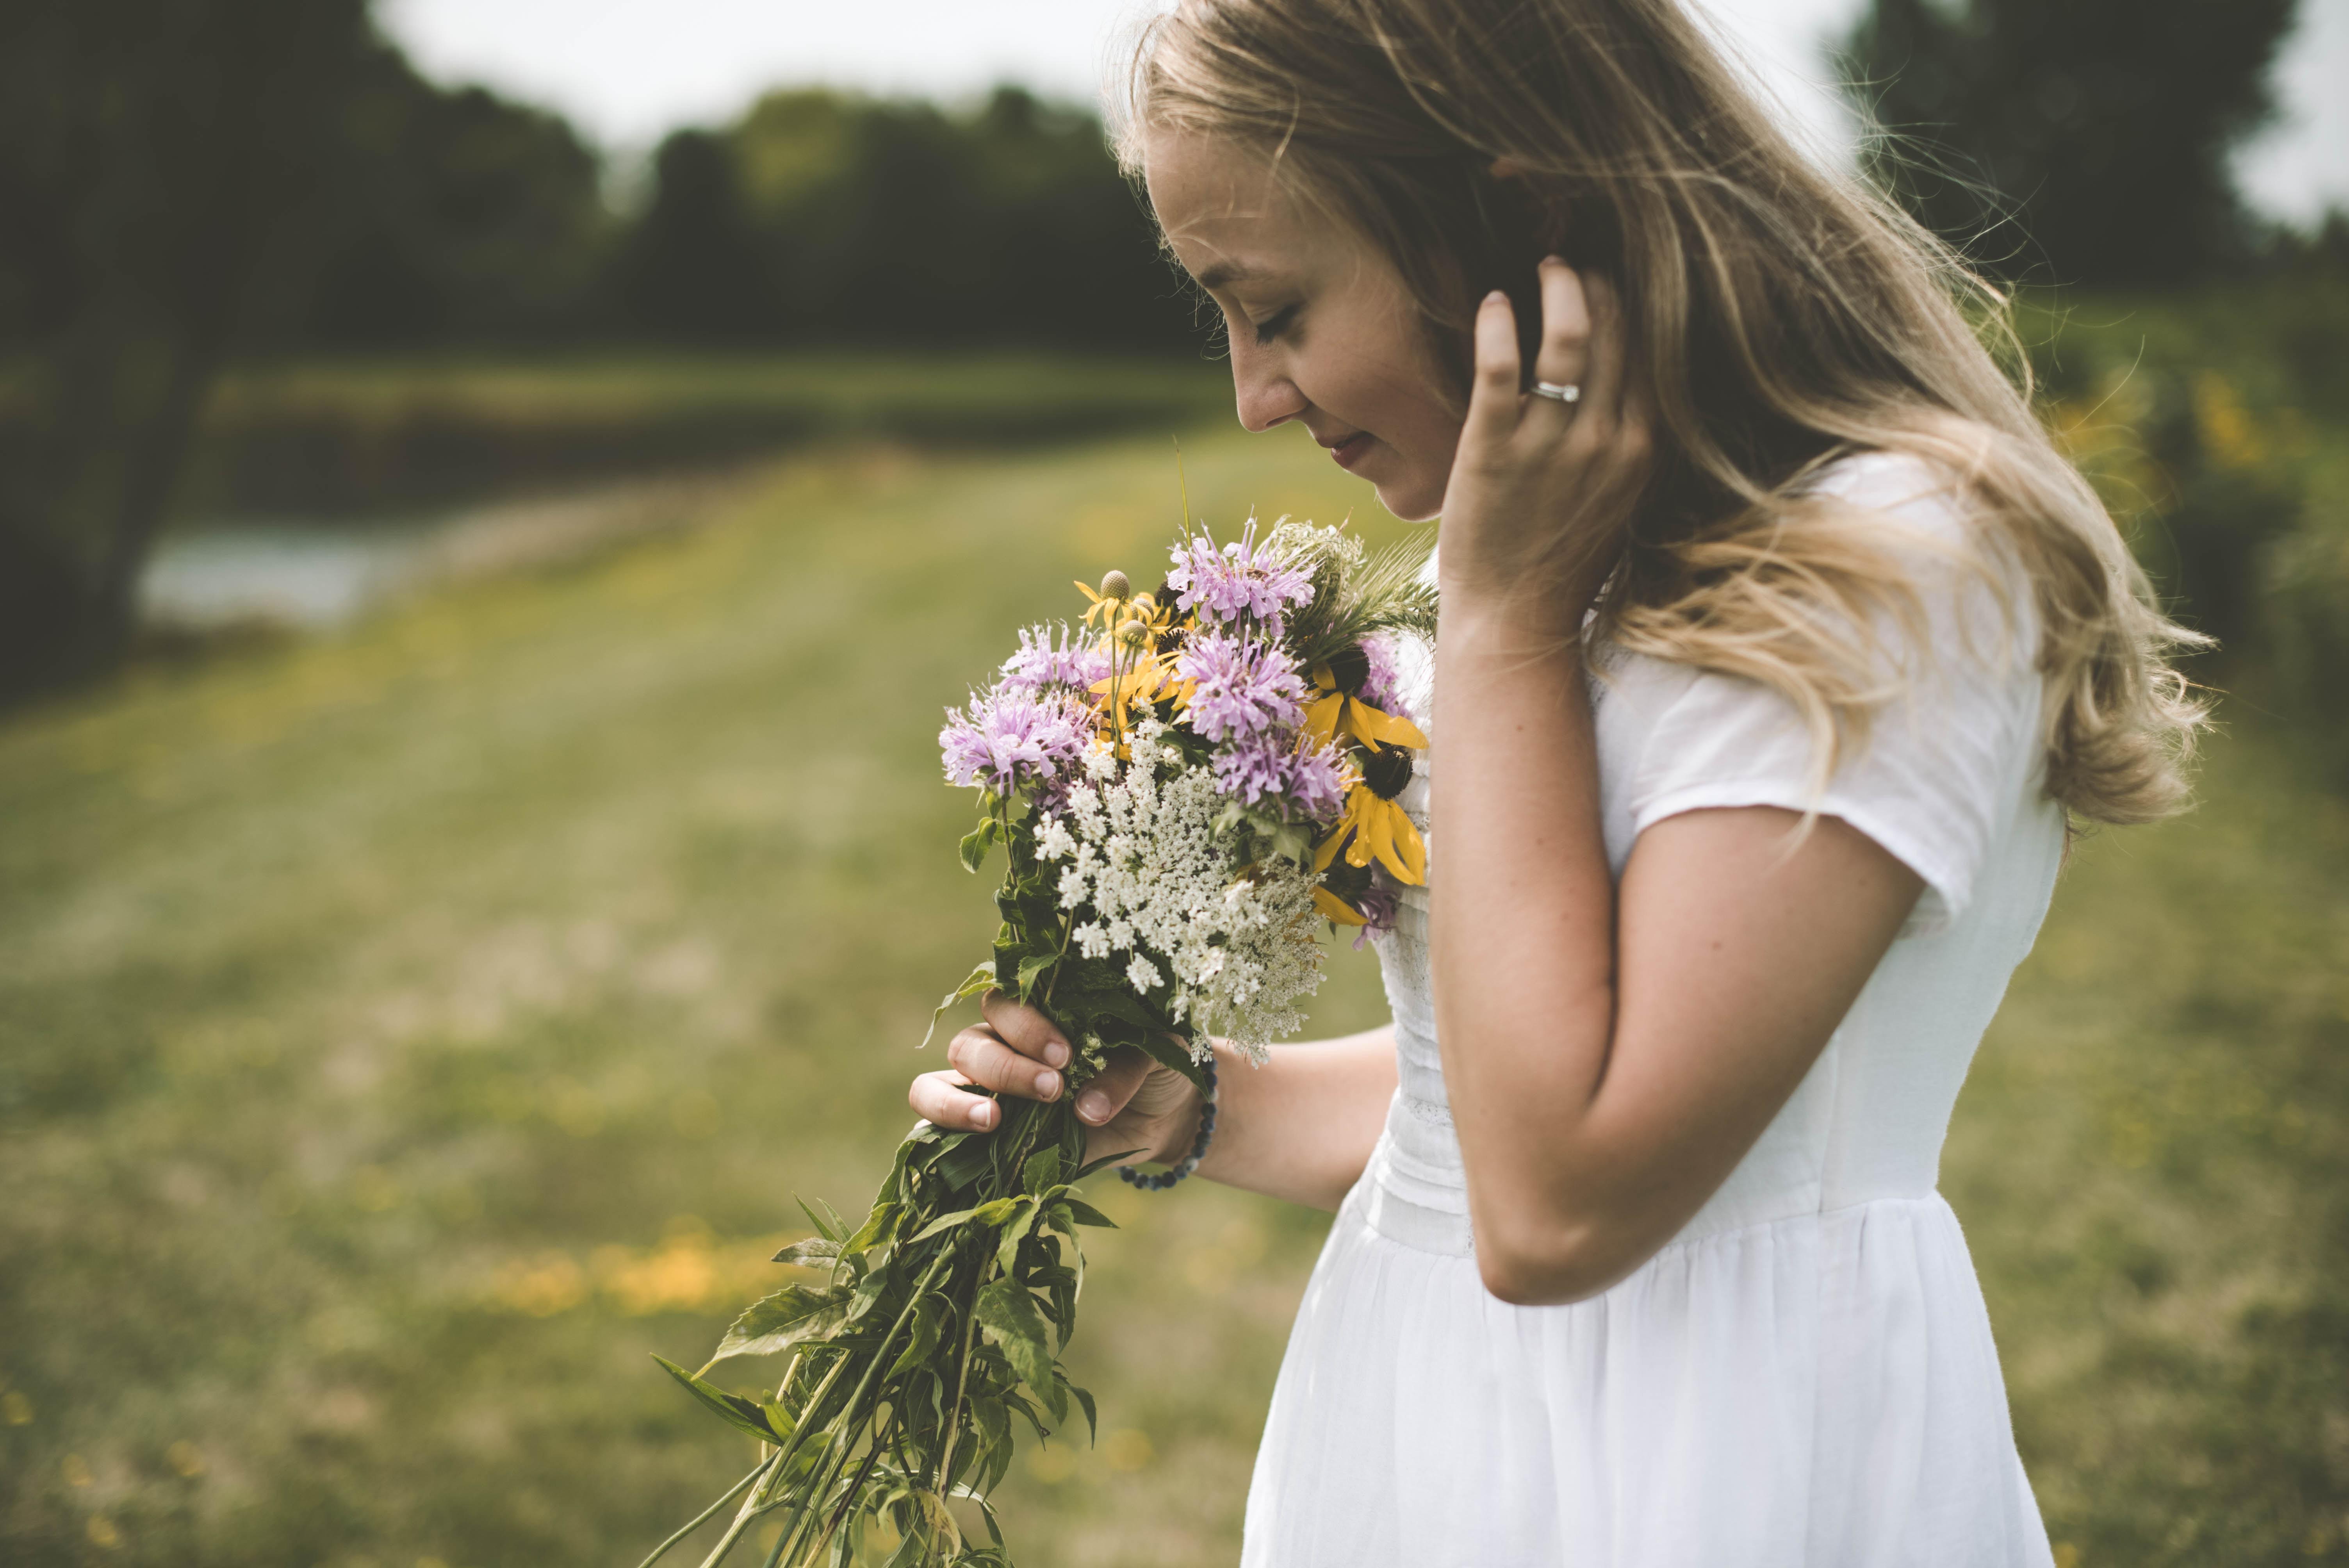 花の香りをかぐ女子